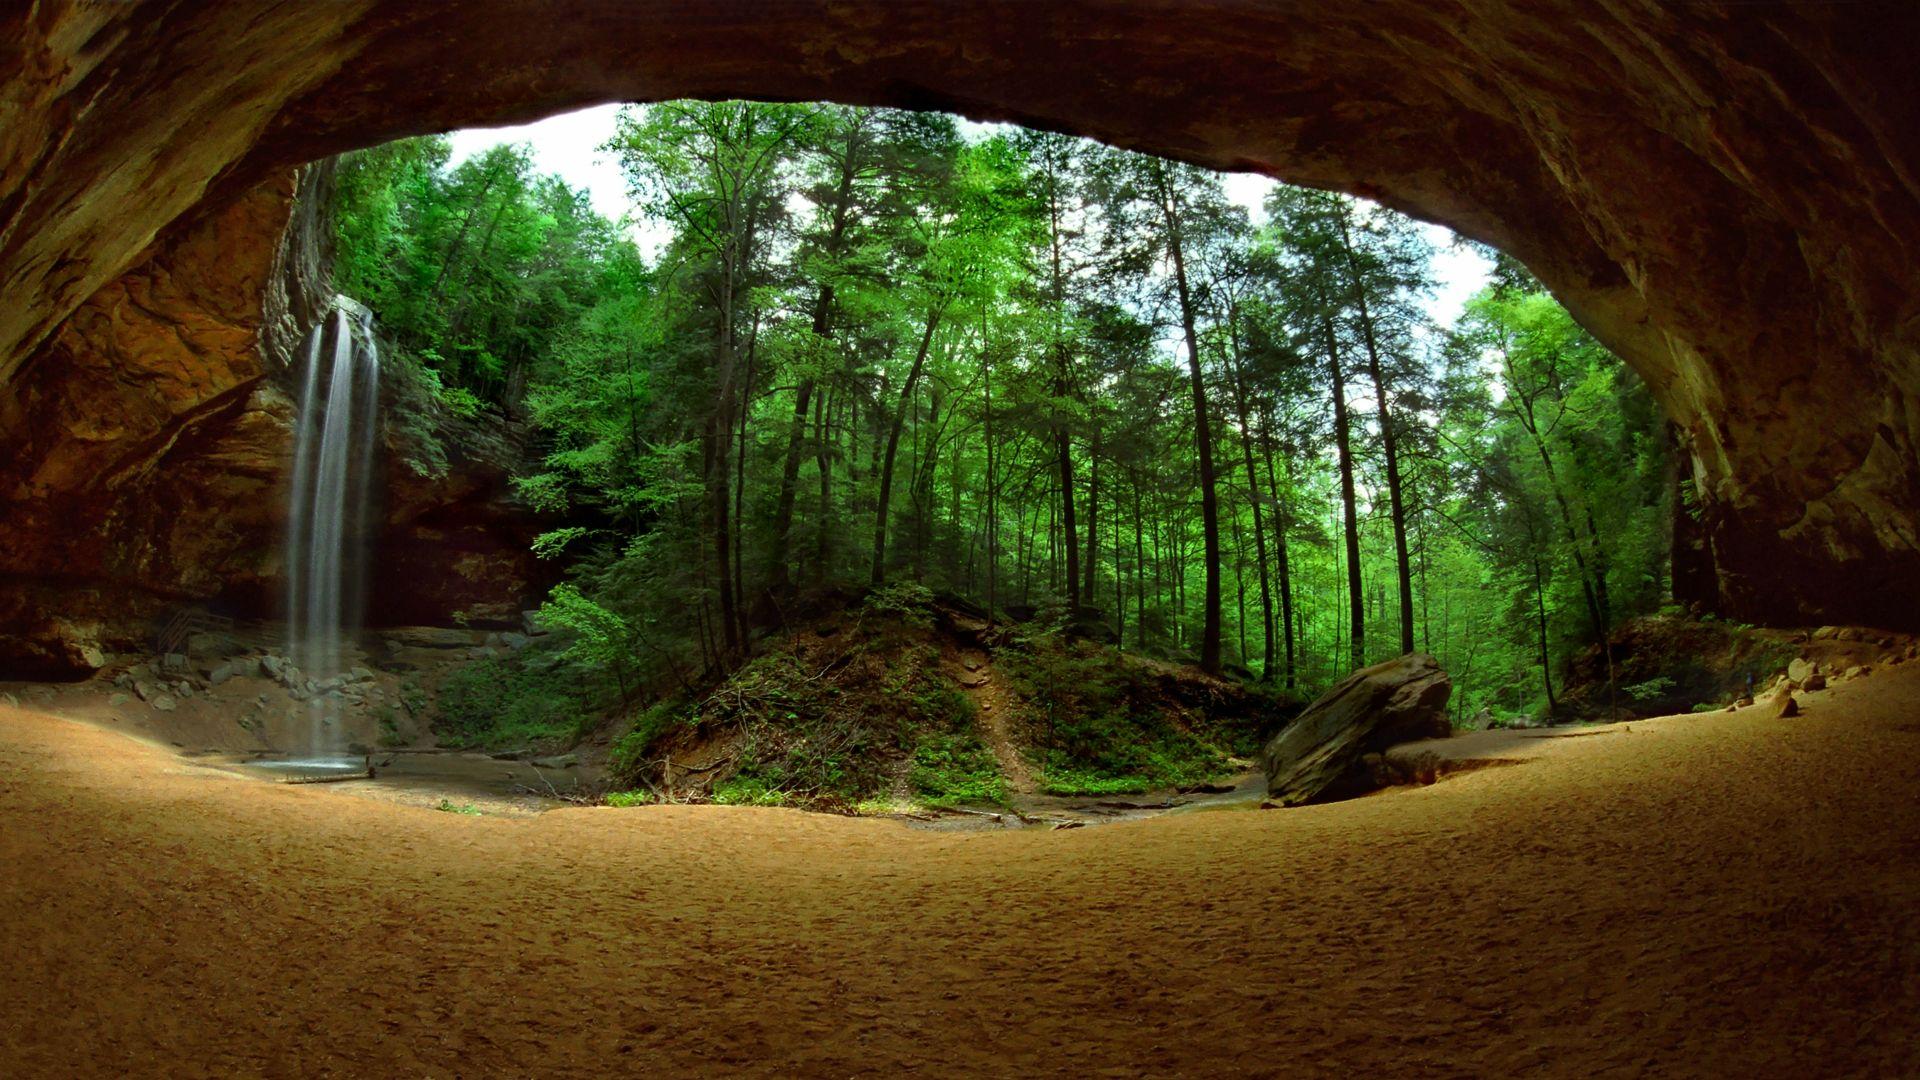 48 Cave Desktop Wallpaper On Wallpapersafari